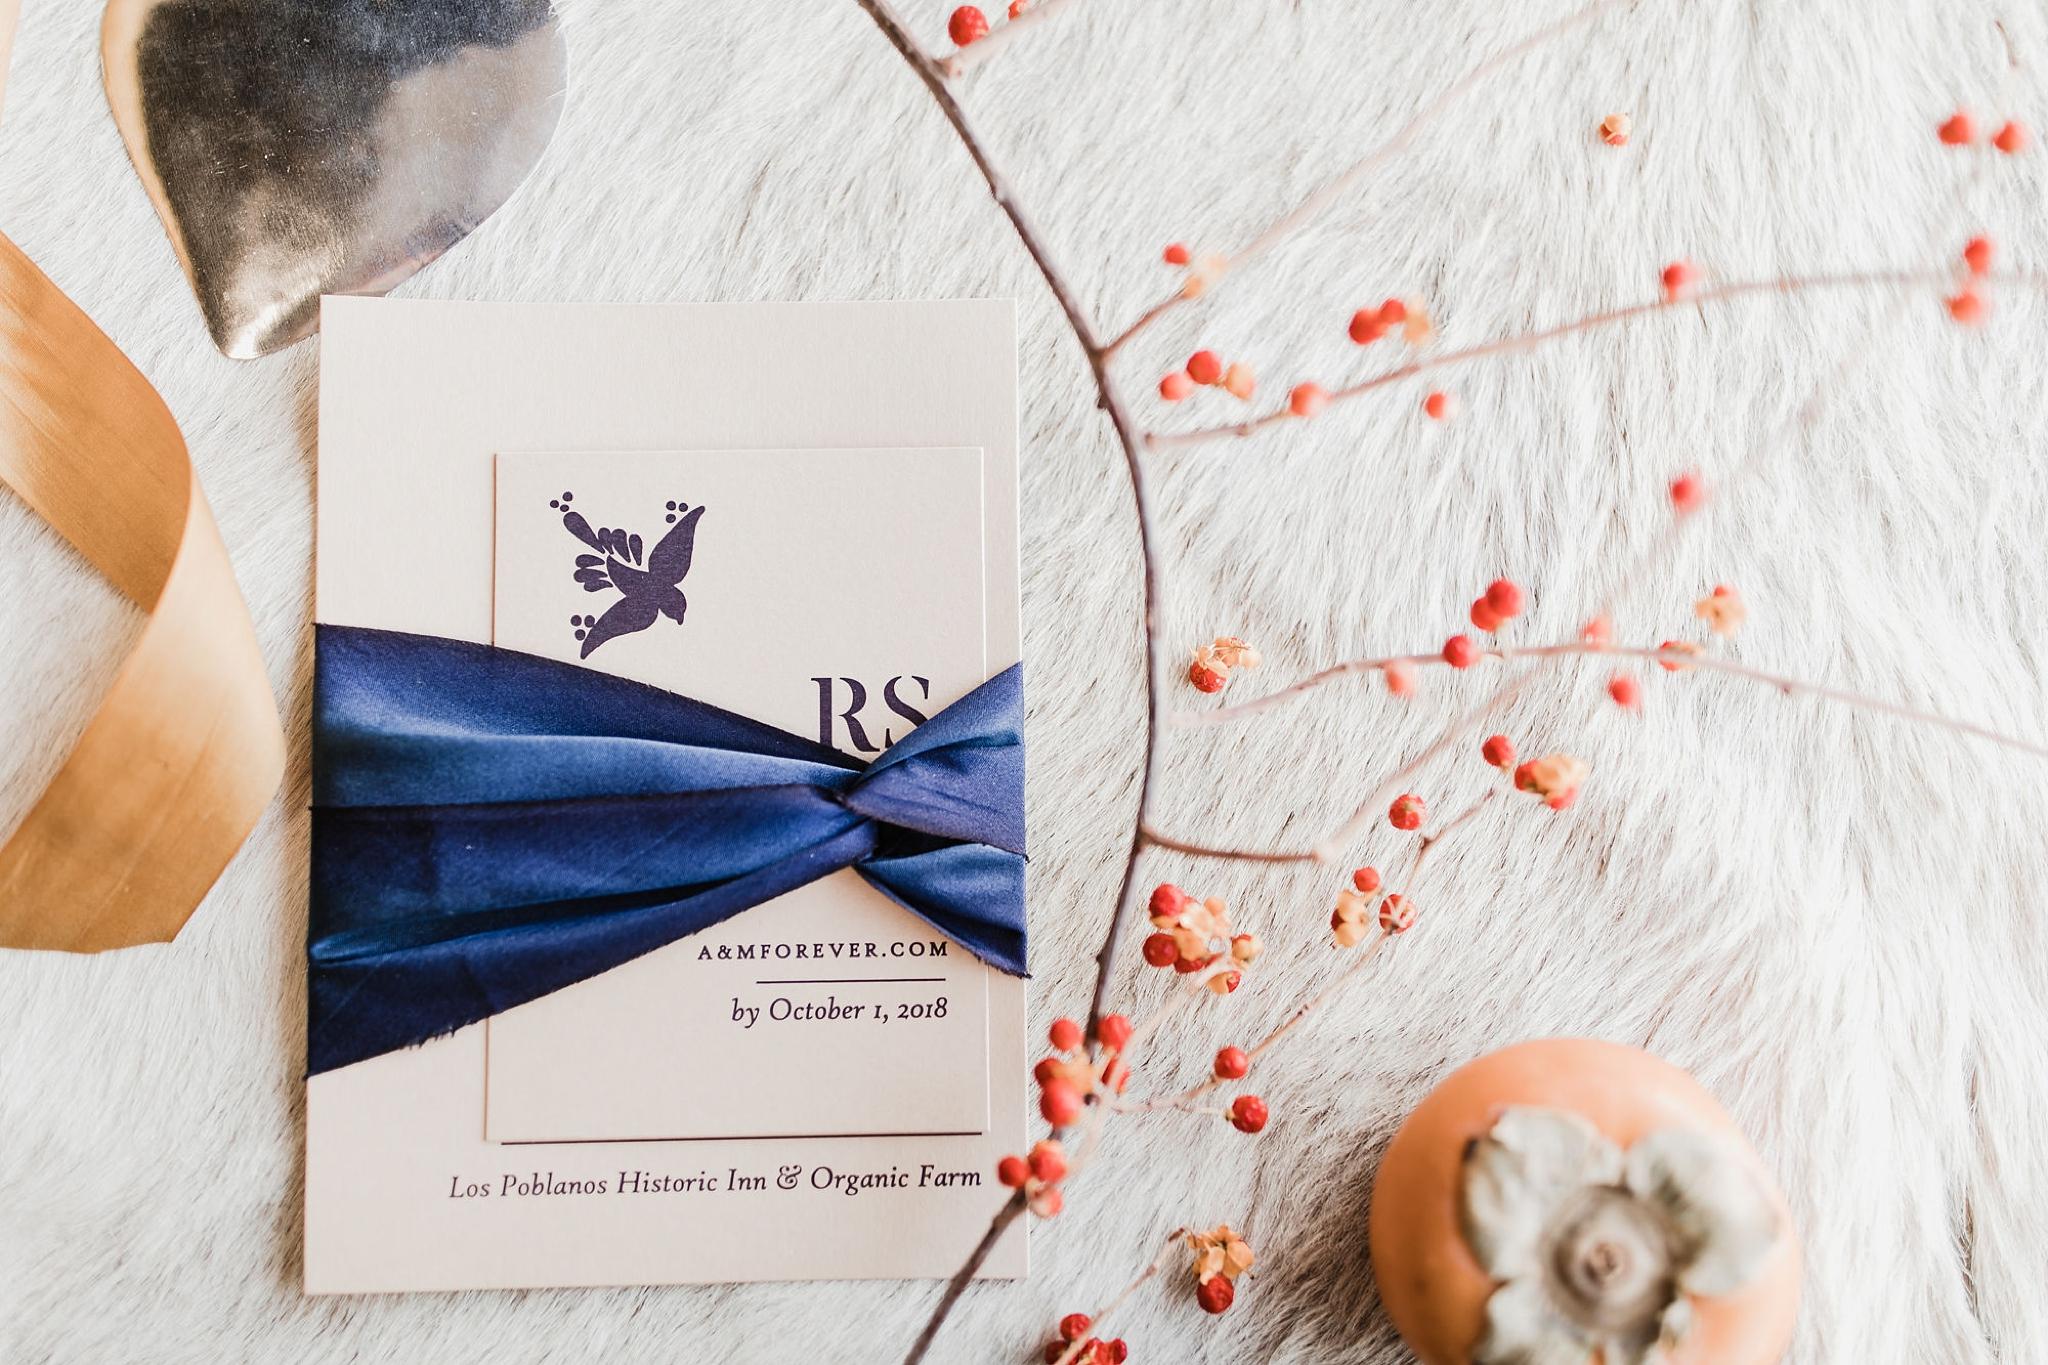 Alicia+lucia+photography+-+albuquerque+wedding+photographer+-+santa+fe+wedding+photography+-+new+mexico+wedding+photographer+-+new+mexico+wedding+-+wedding+invitations+-+invitation+suite+-+wedding+inspo_0009.jpg